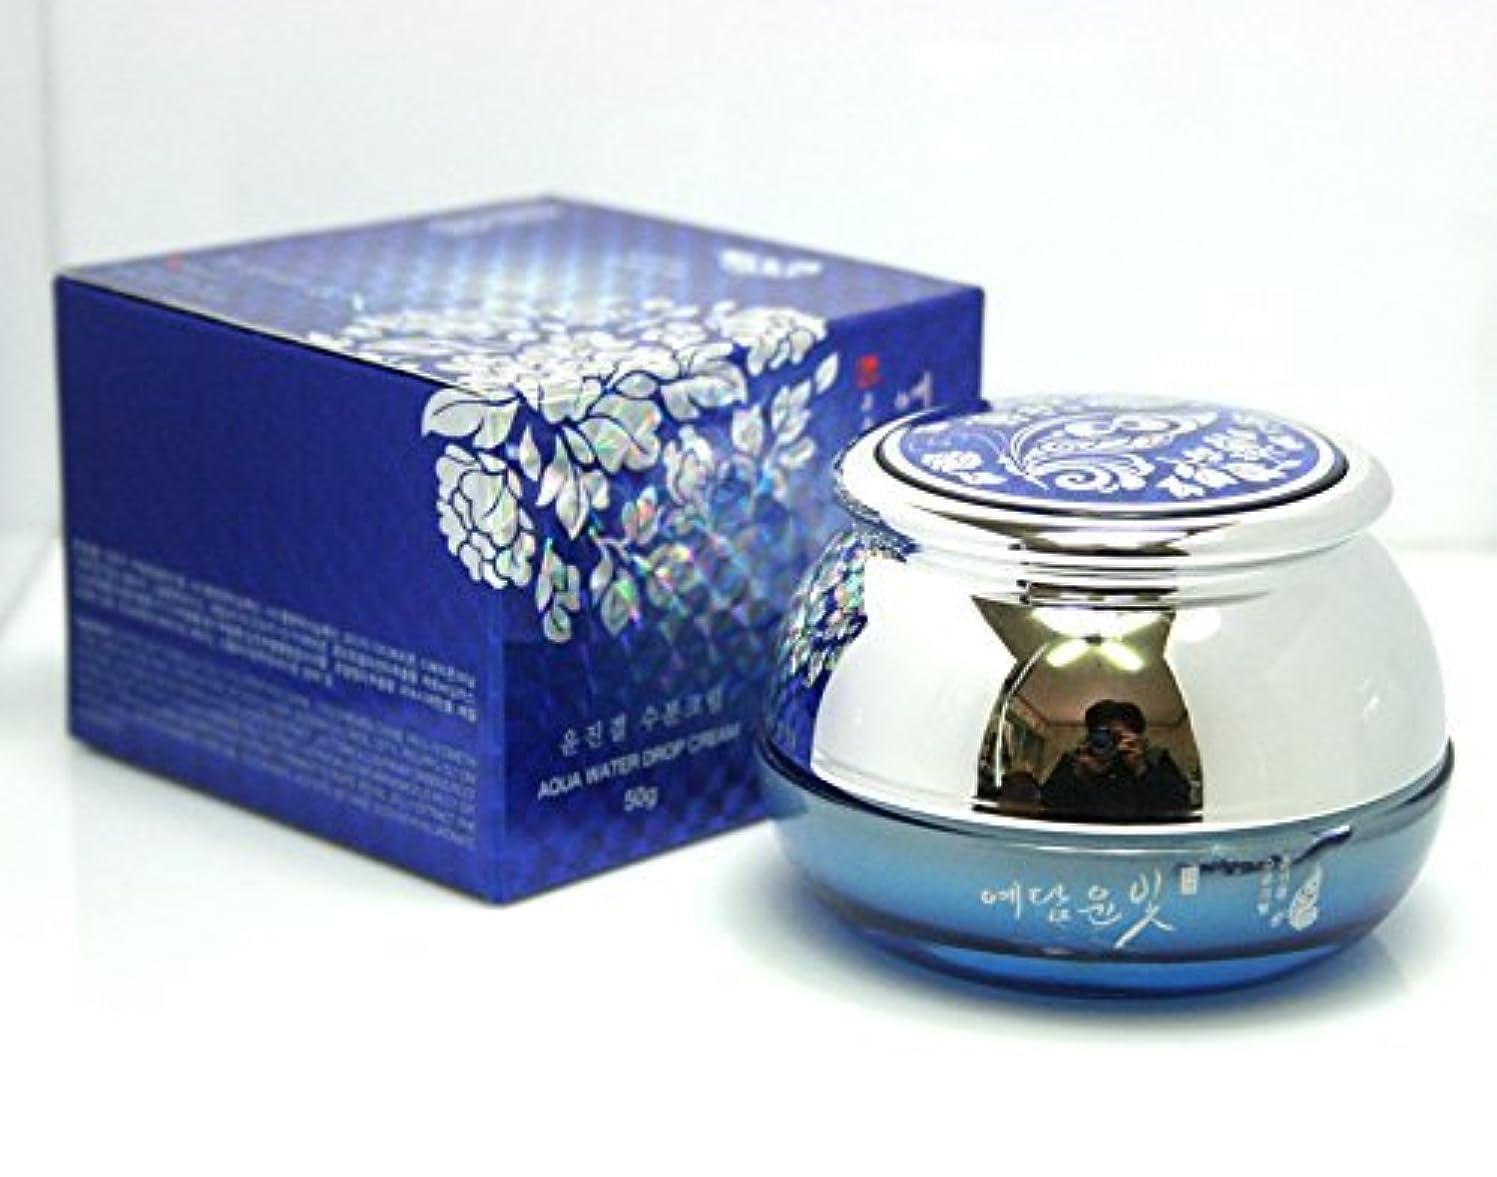 素人バナナサスペンド[YEDAM YUN BIT] Yunjin Gyeolアクアウォータードロップクリーム50g / オリエンタルハーブ / 韓国化粧品 / Yunjin Gyeol Aqua Water Drop Cream 50g / Oriental Herb / Korean Cosmetics [並行輸入品]